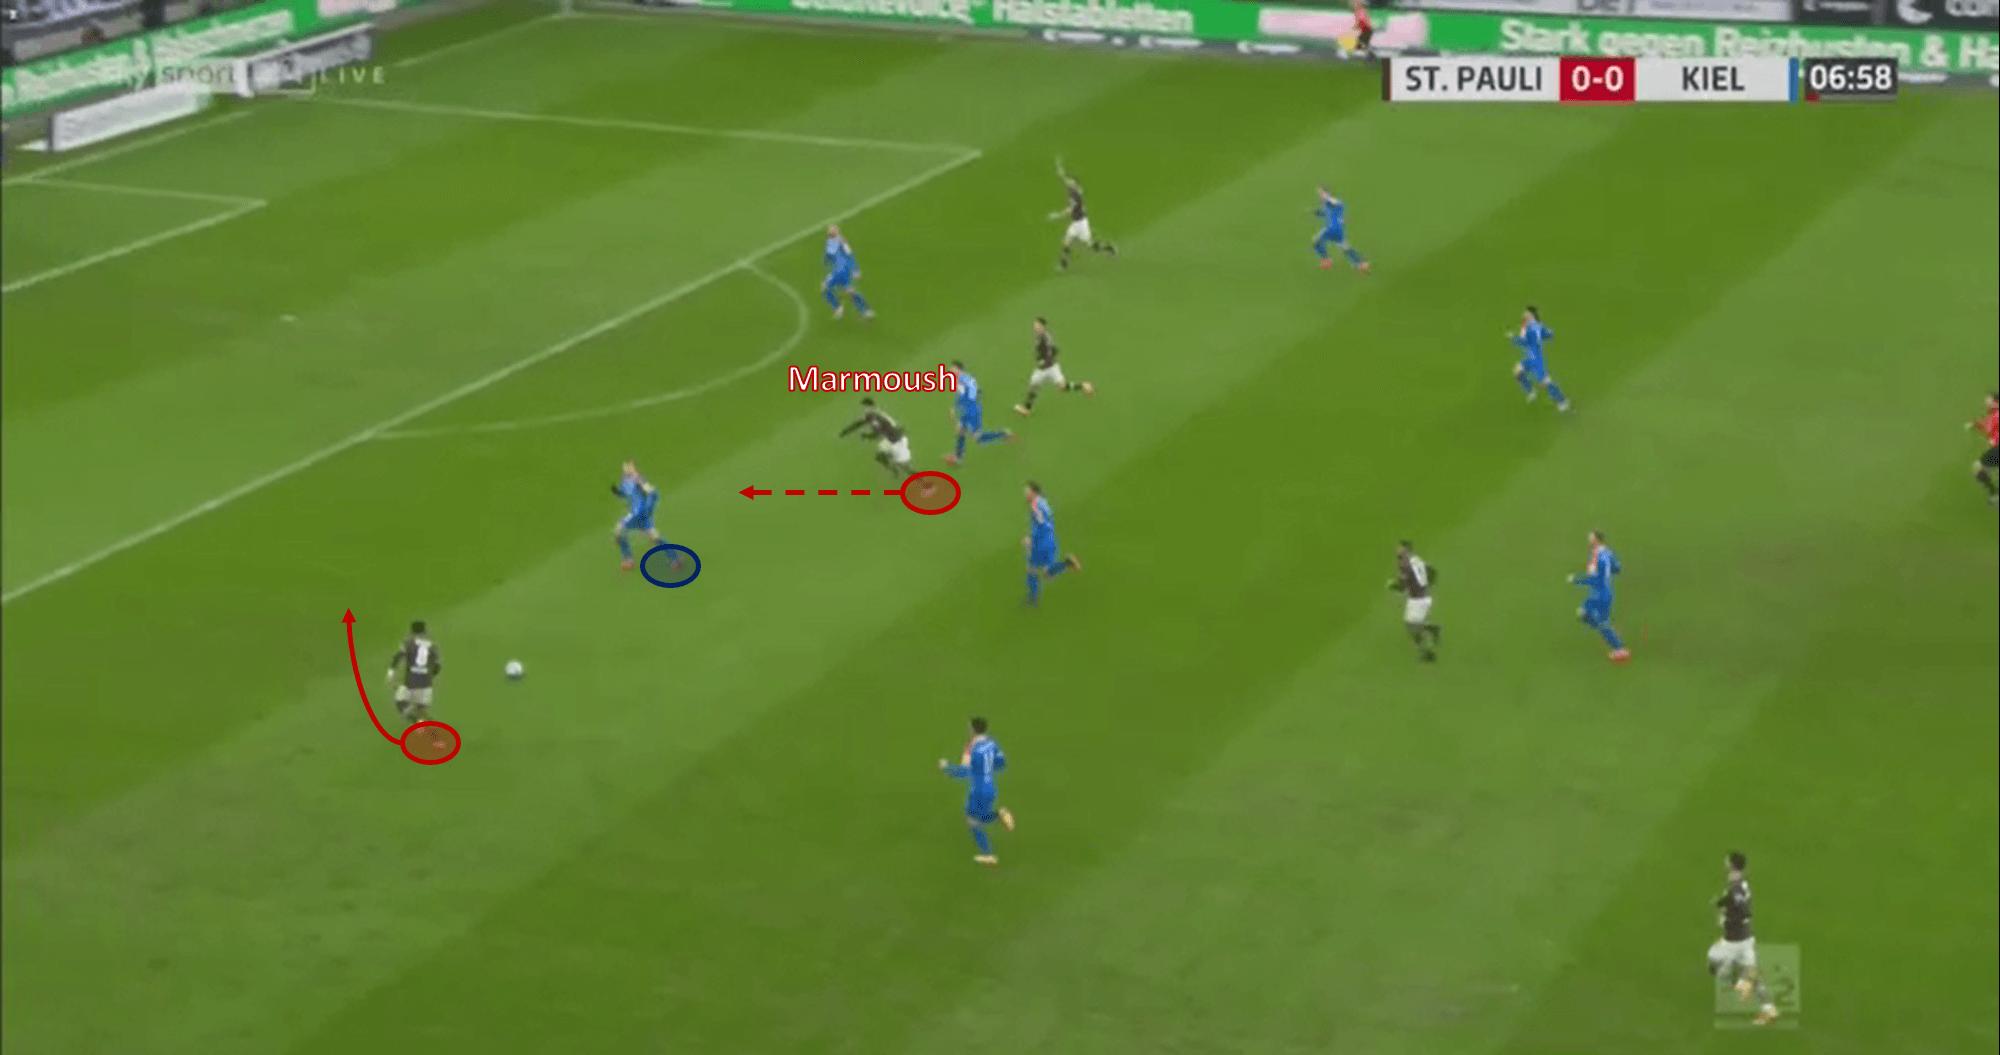 Bundesliga II 2020/21: Omar Marmoush - scout report tactical analysis tactics